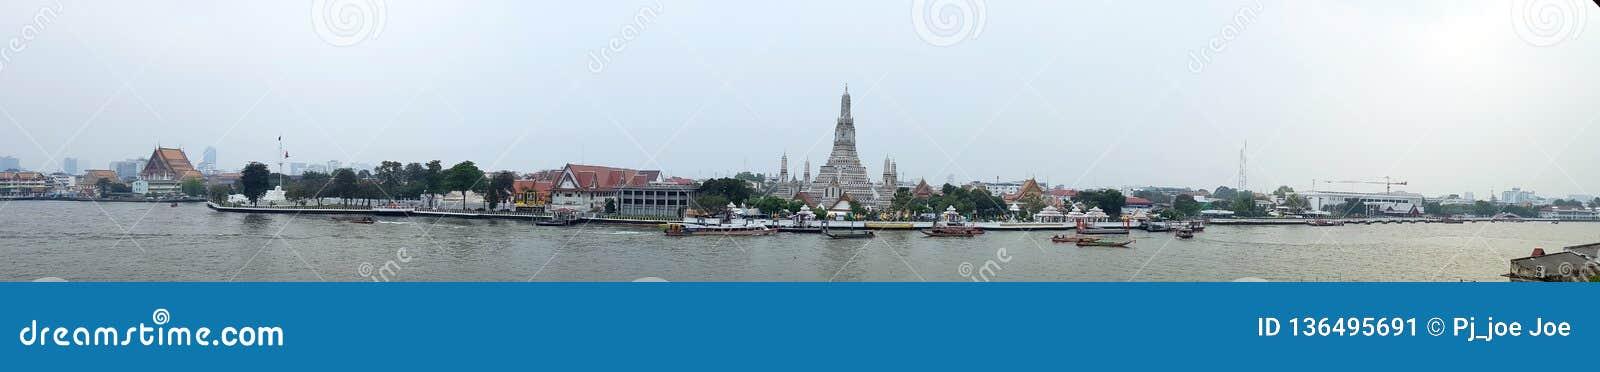 2 Januari 2019 BANGKOK THAILAND: Panoramamening van Wat Arun Temple bij zonsondergang in Bangkok Thailand Wat Arun is binnen een